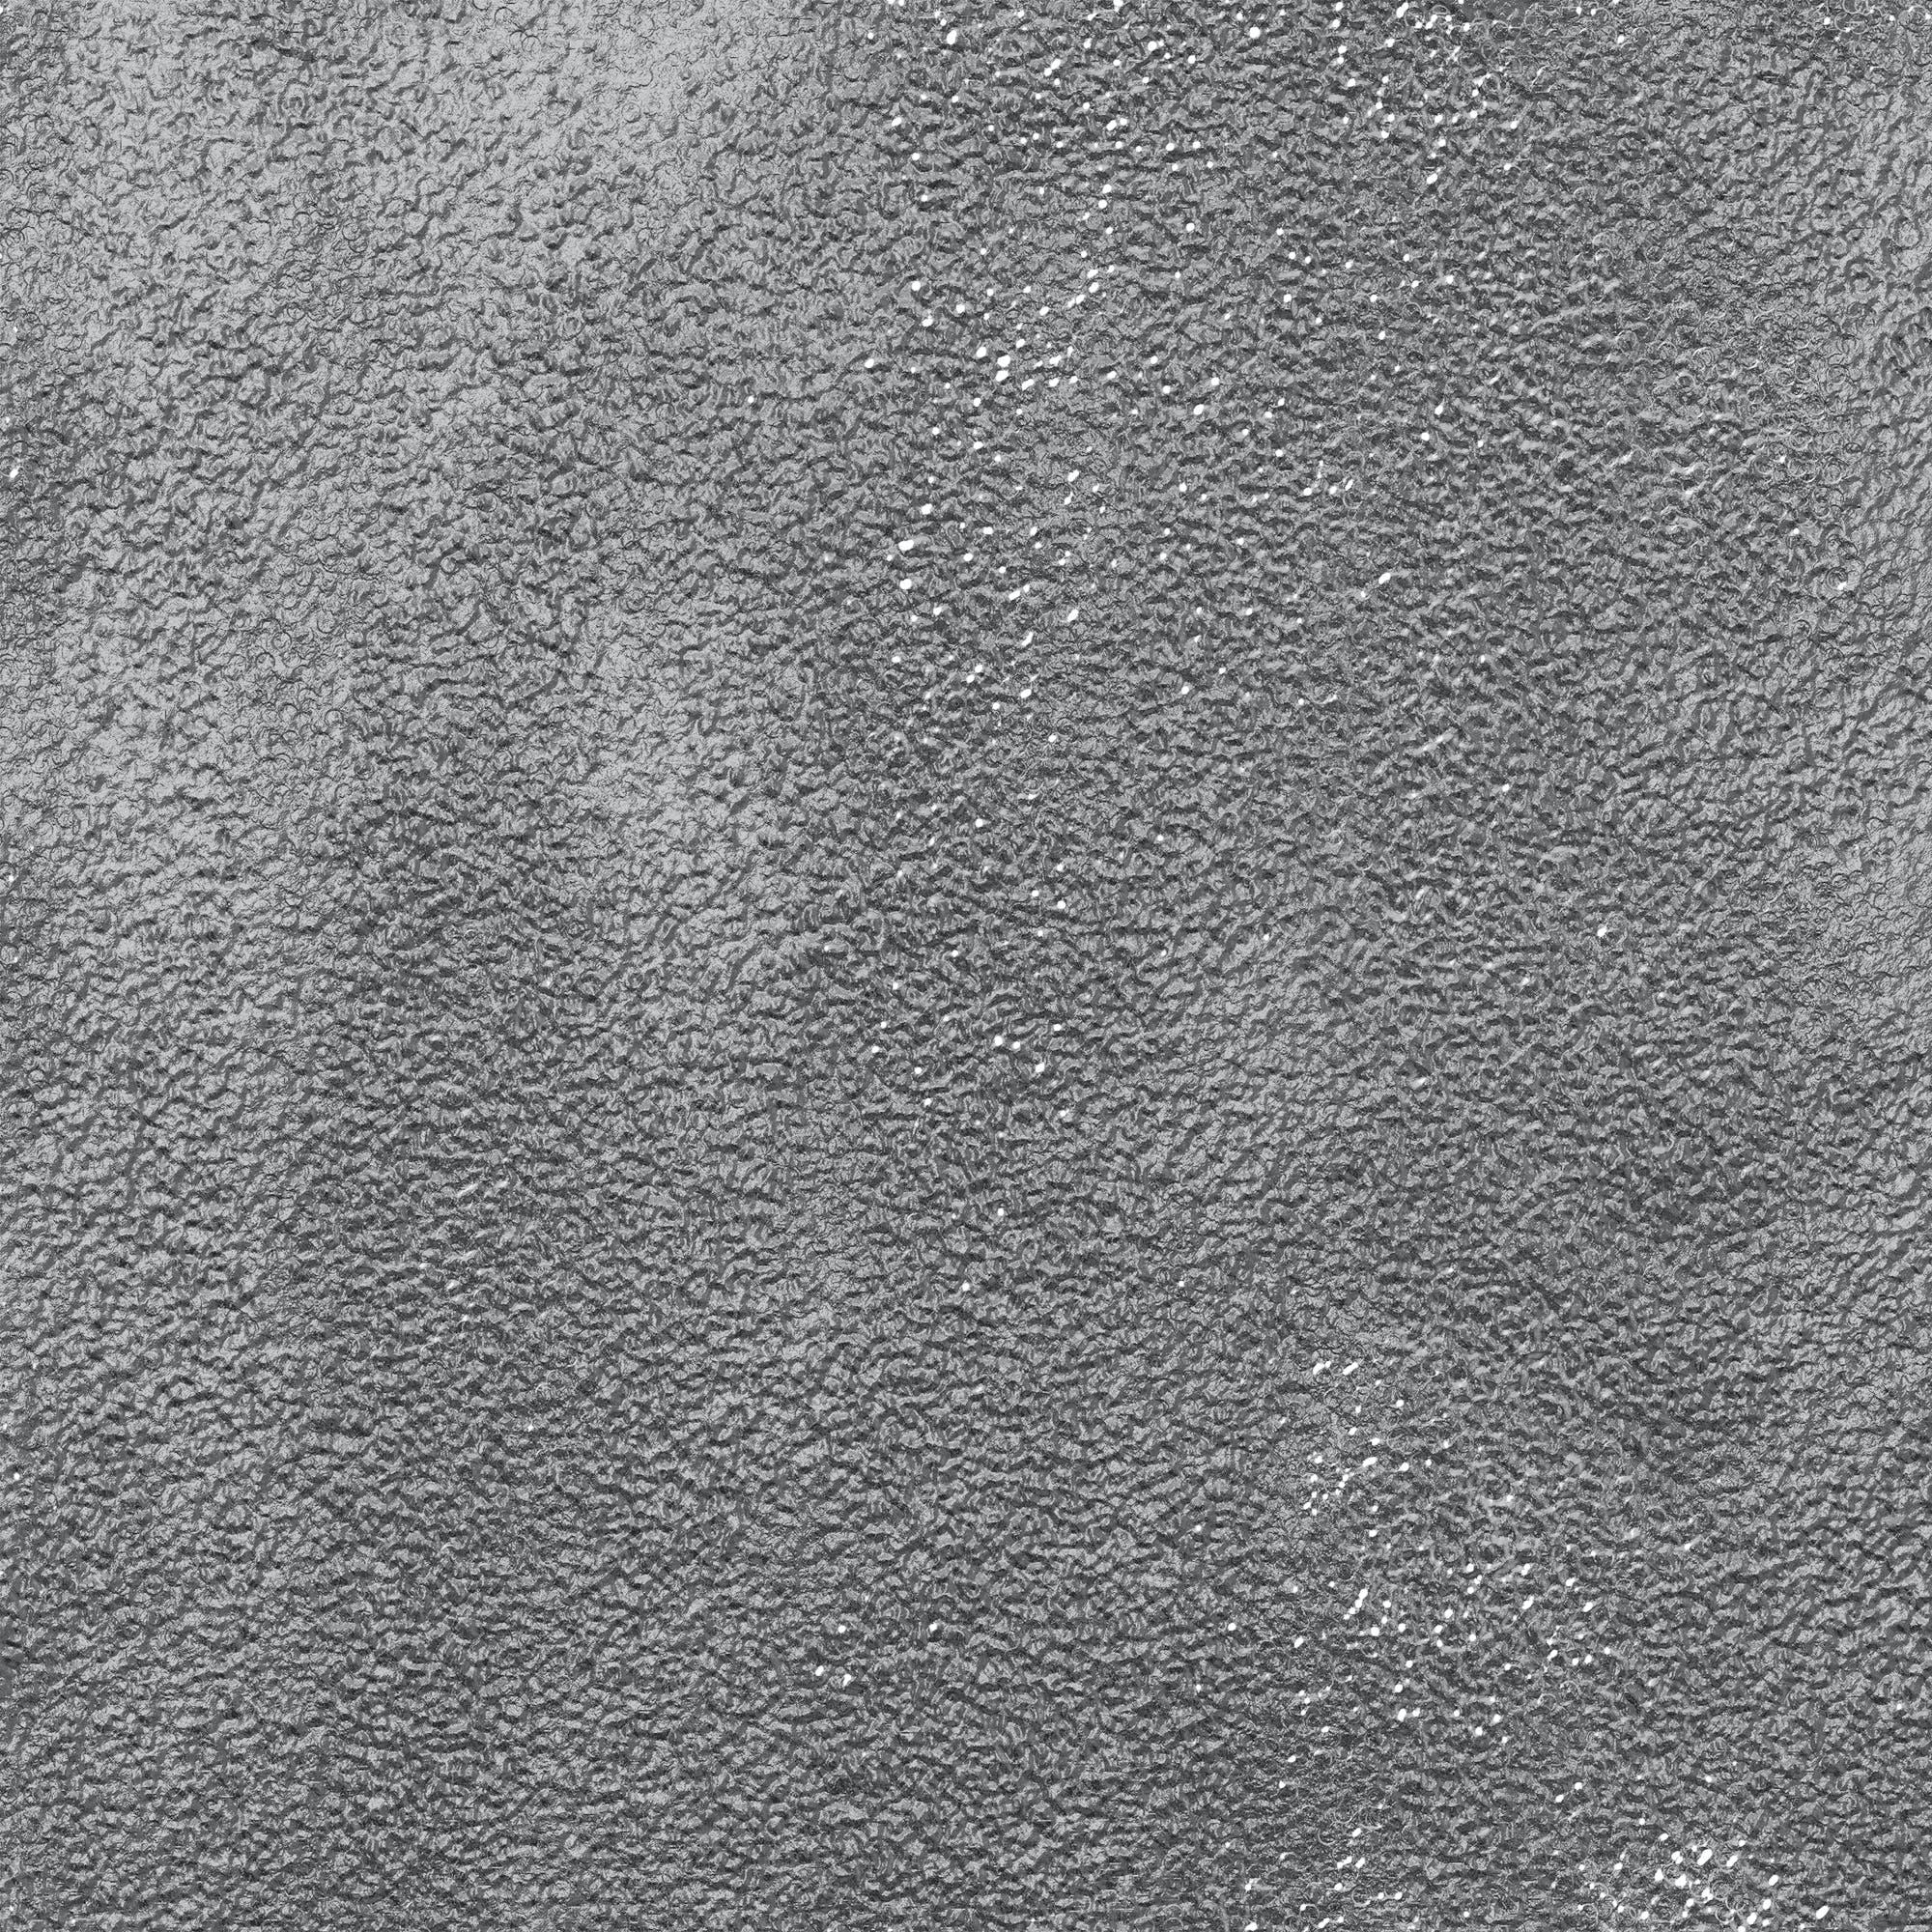 Gray Fleece Textile